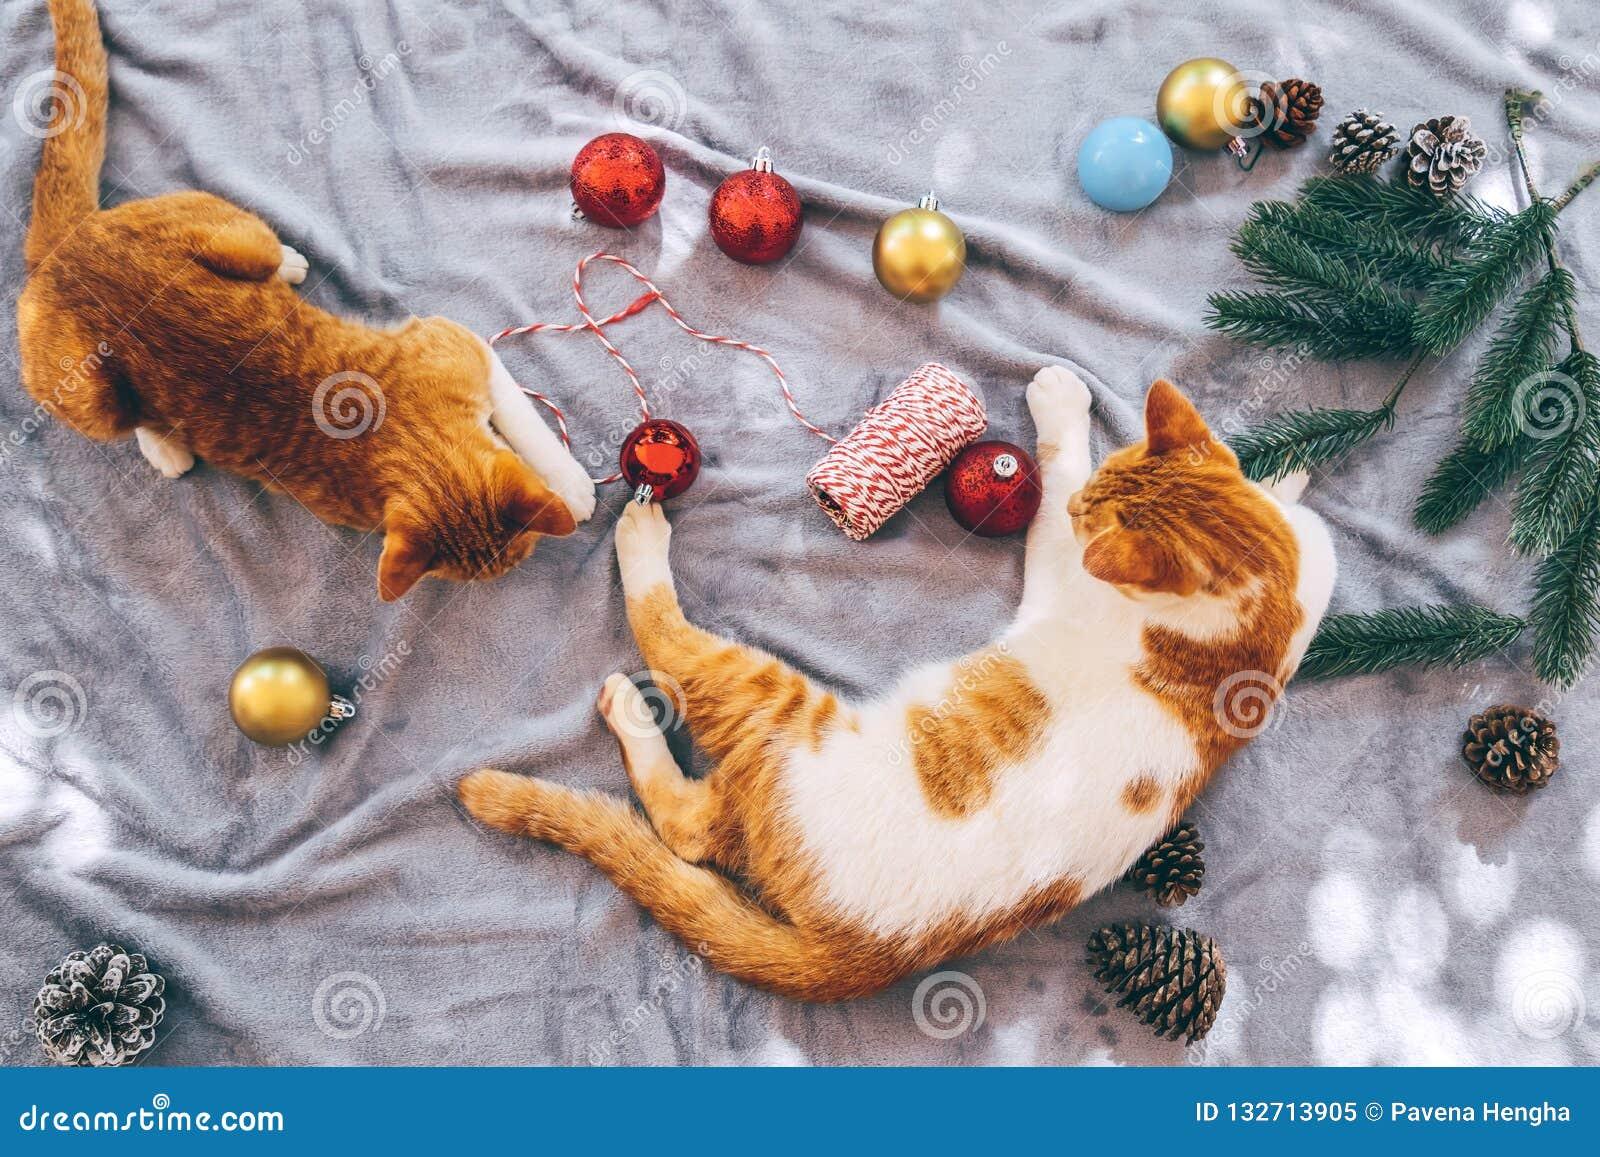 2 оранжевых котят на ковре в празднике рождества с украшением и орнаментом